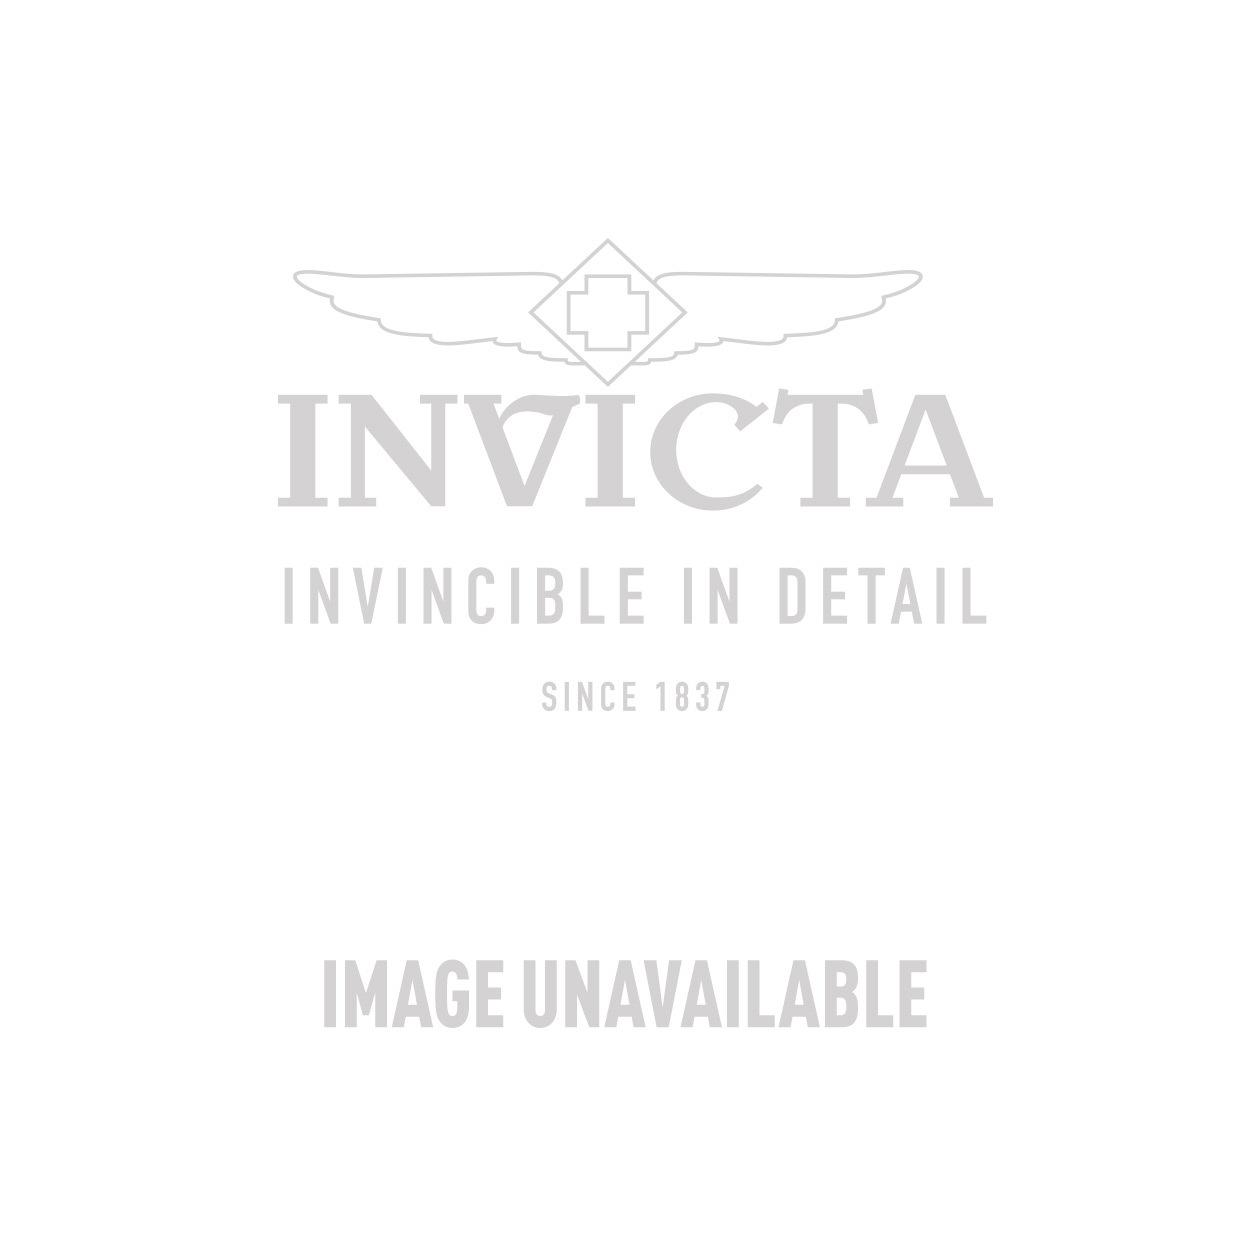 Invicta Model 25413